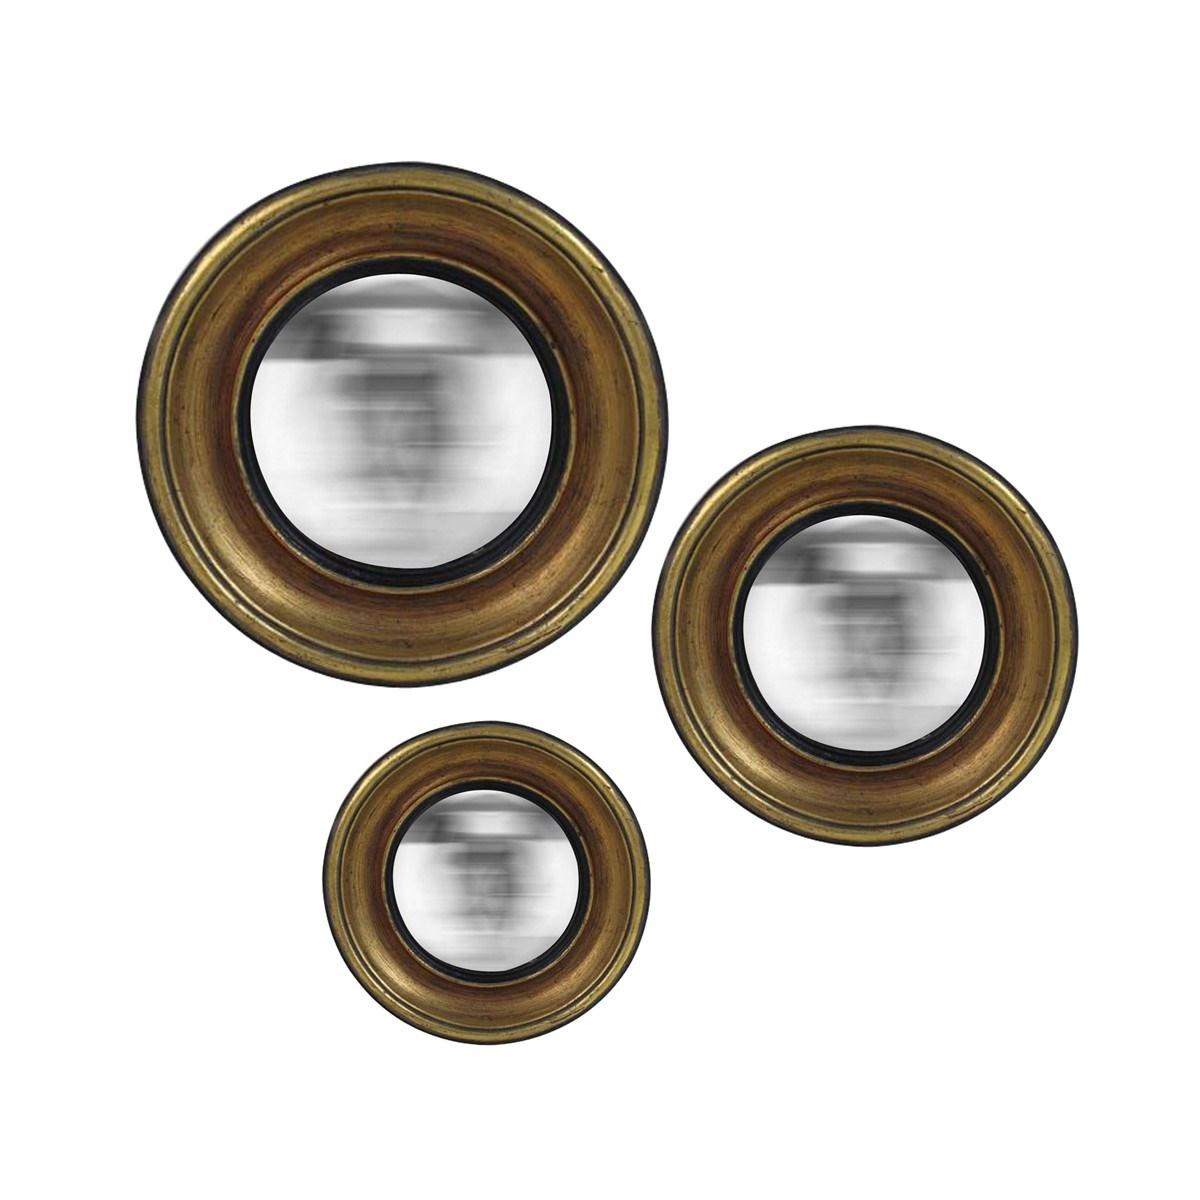 Lot de 3 miroirs en résine or 16, 19 et 23cm